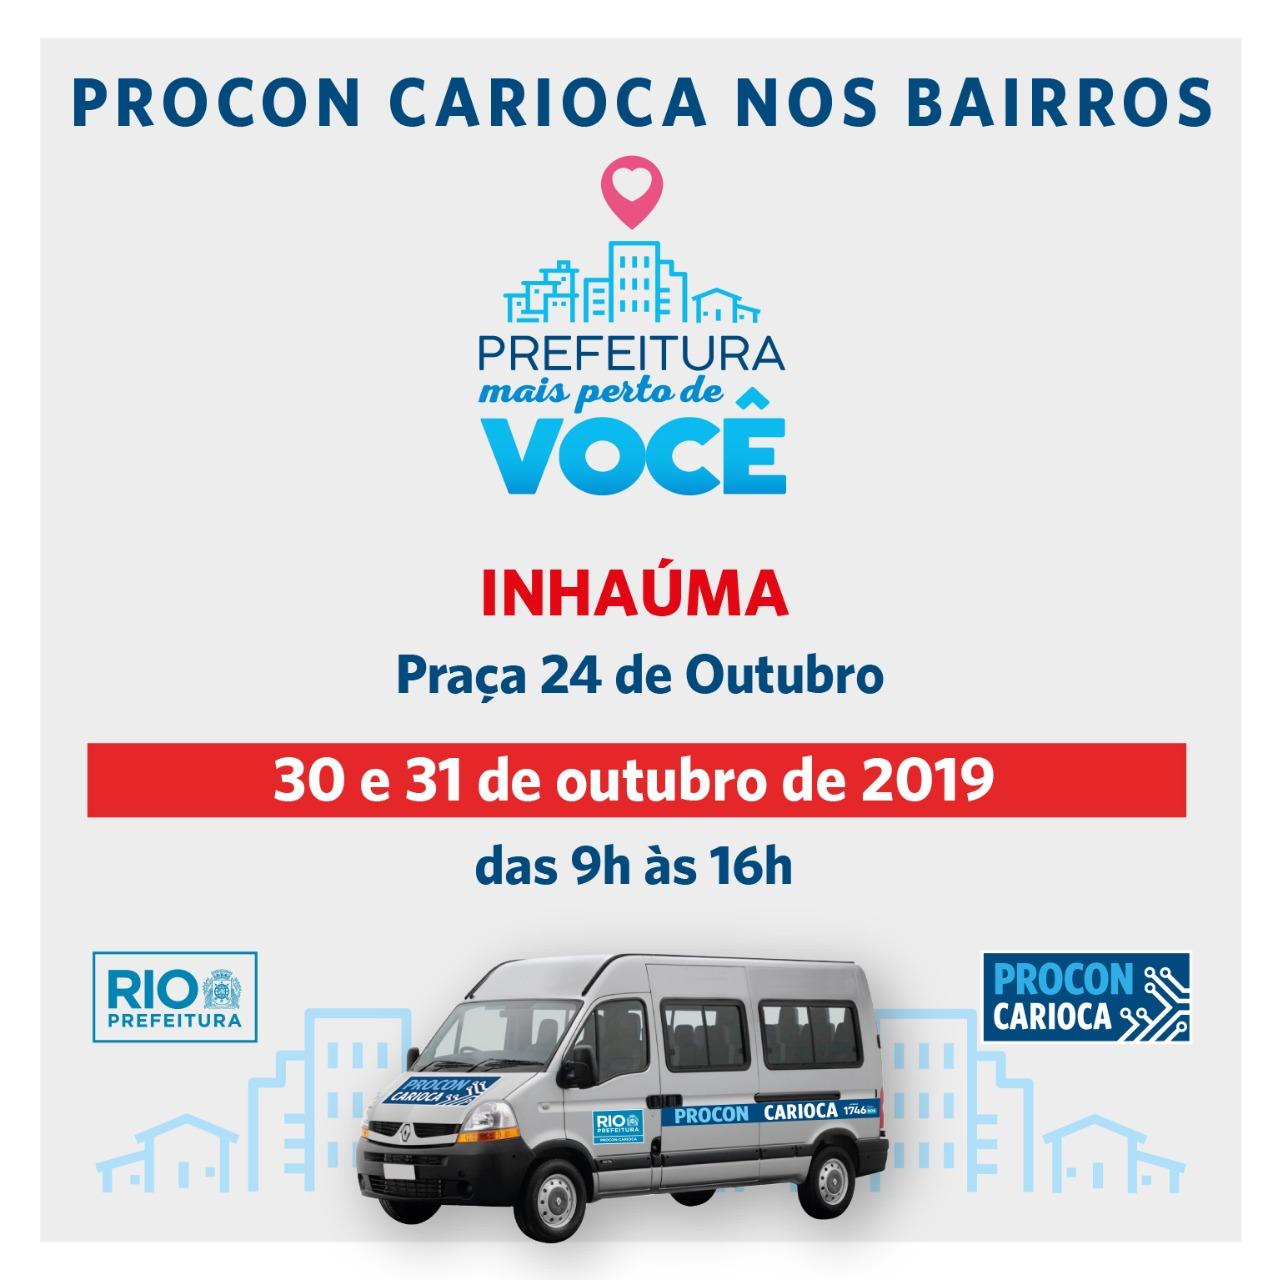 Vigário Geral e Inhaúma recebem Procon Carioca